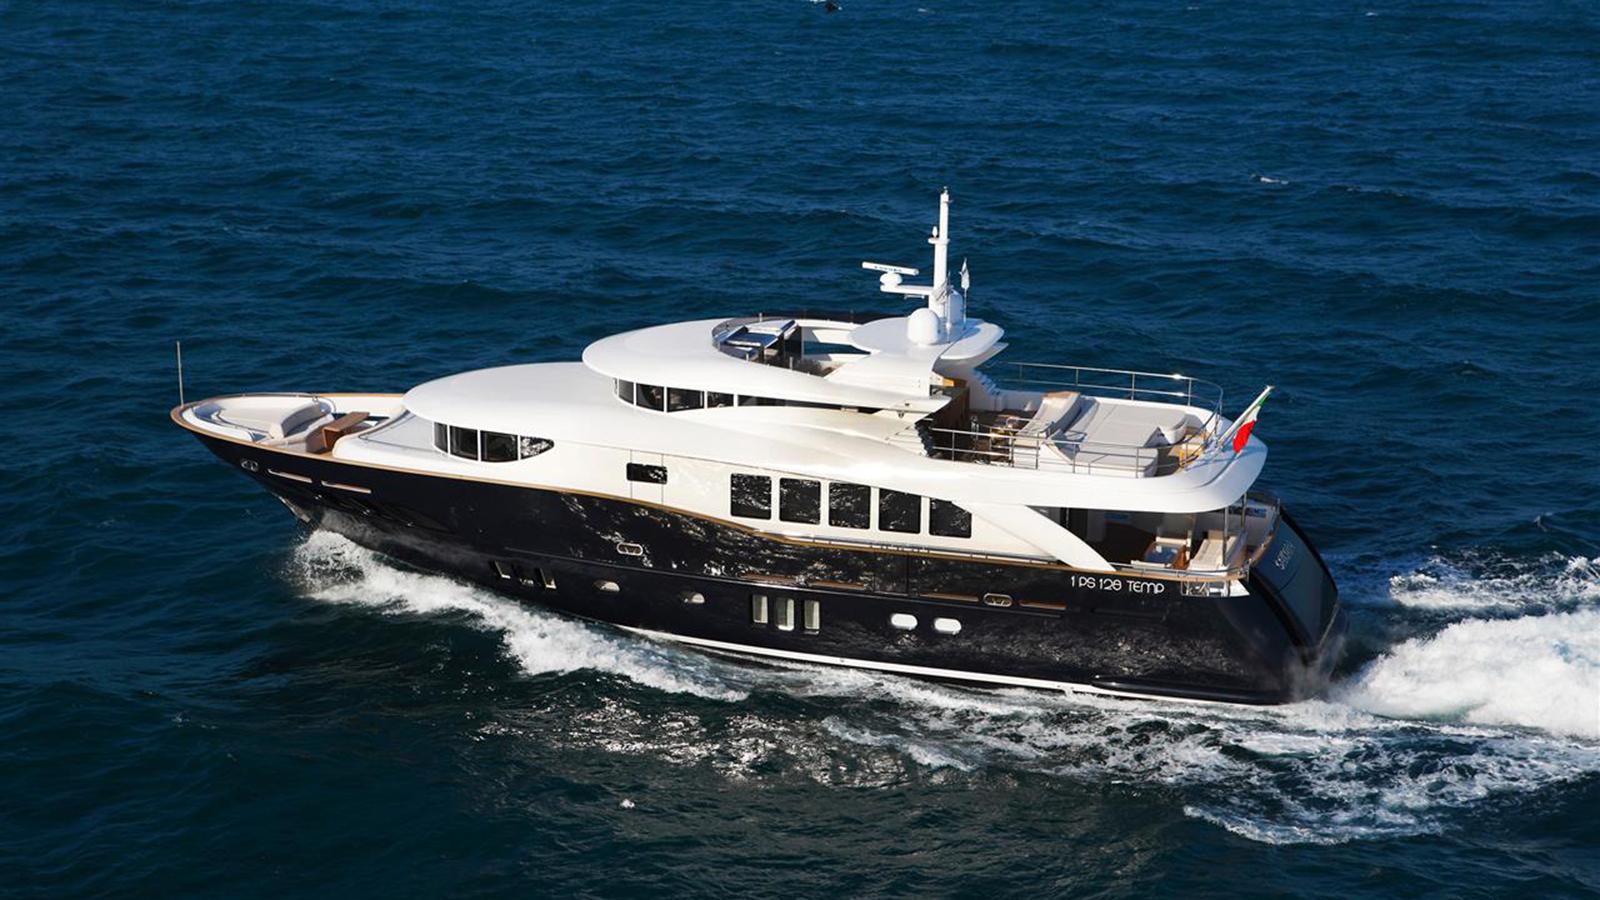 N26 yacht Sakata